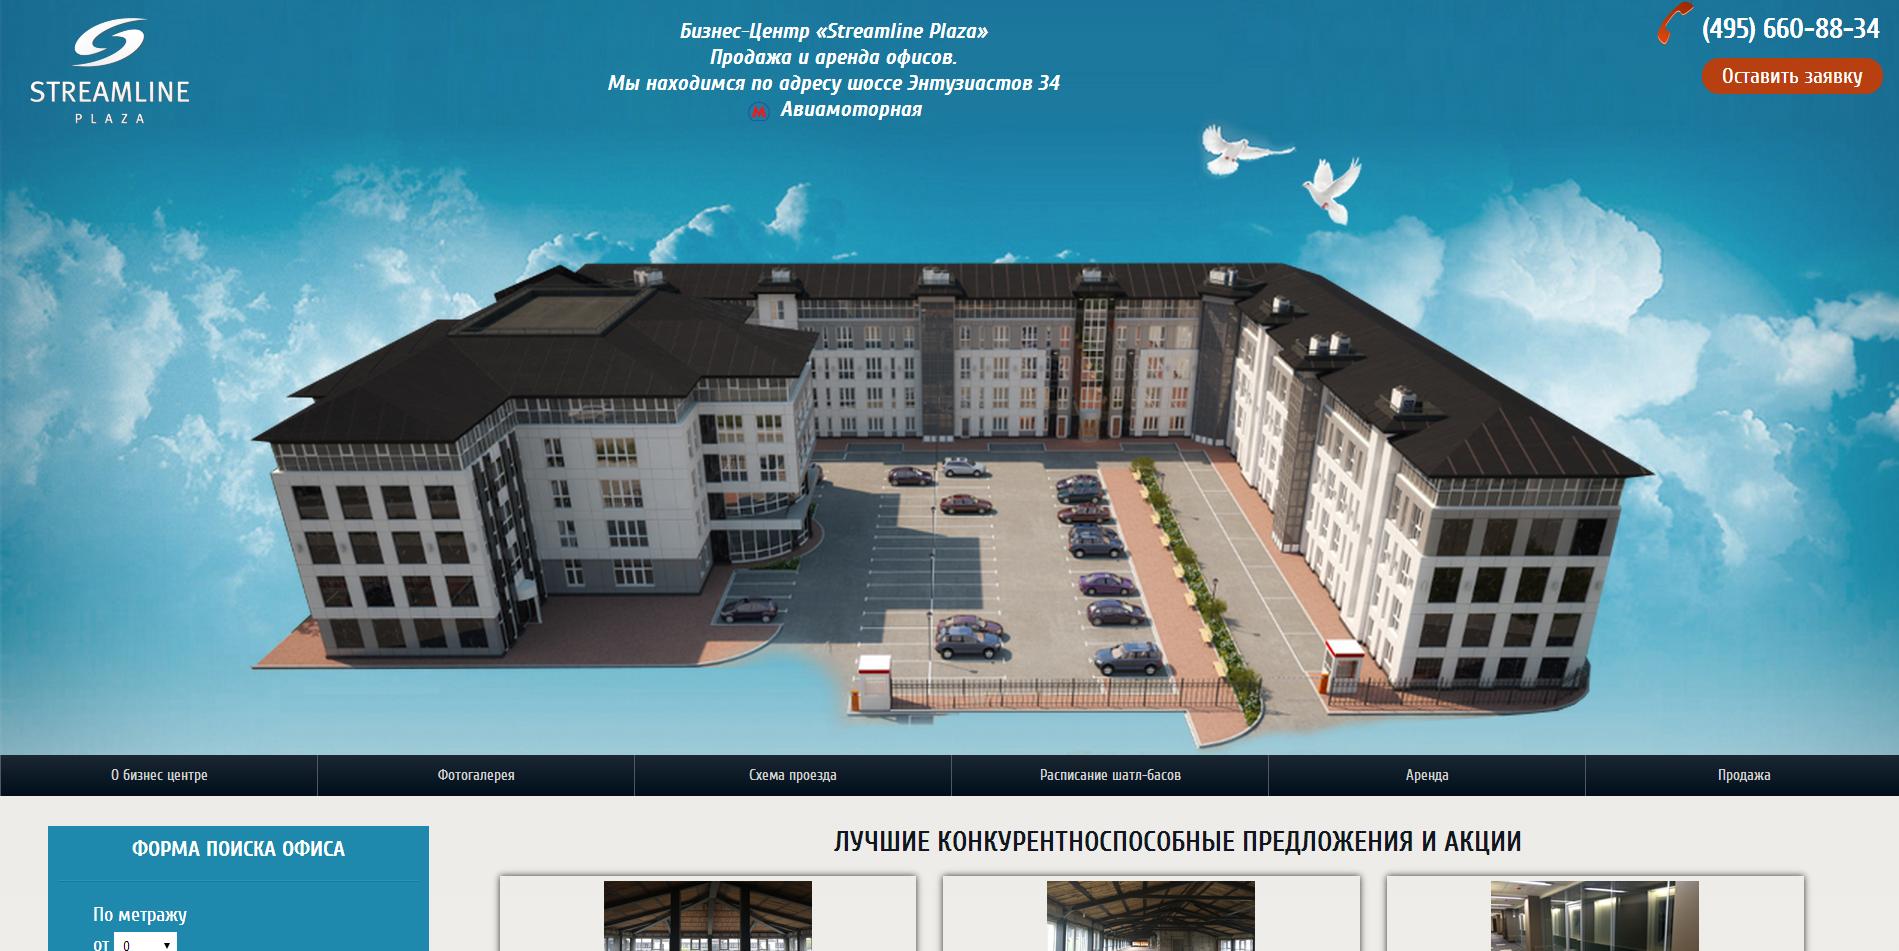 Бизнес-Центр «Streamline Plaza»